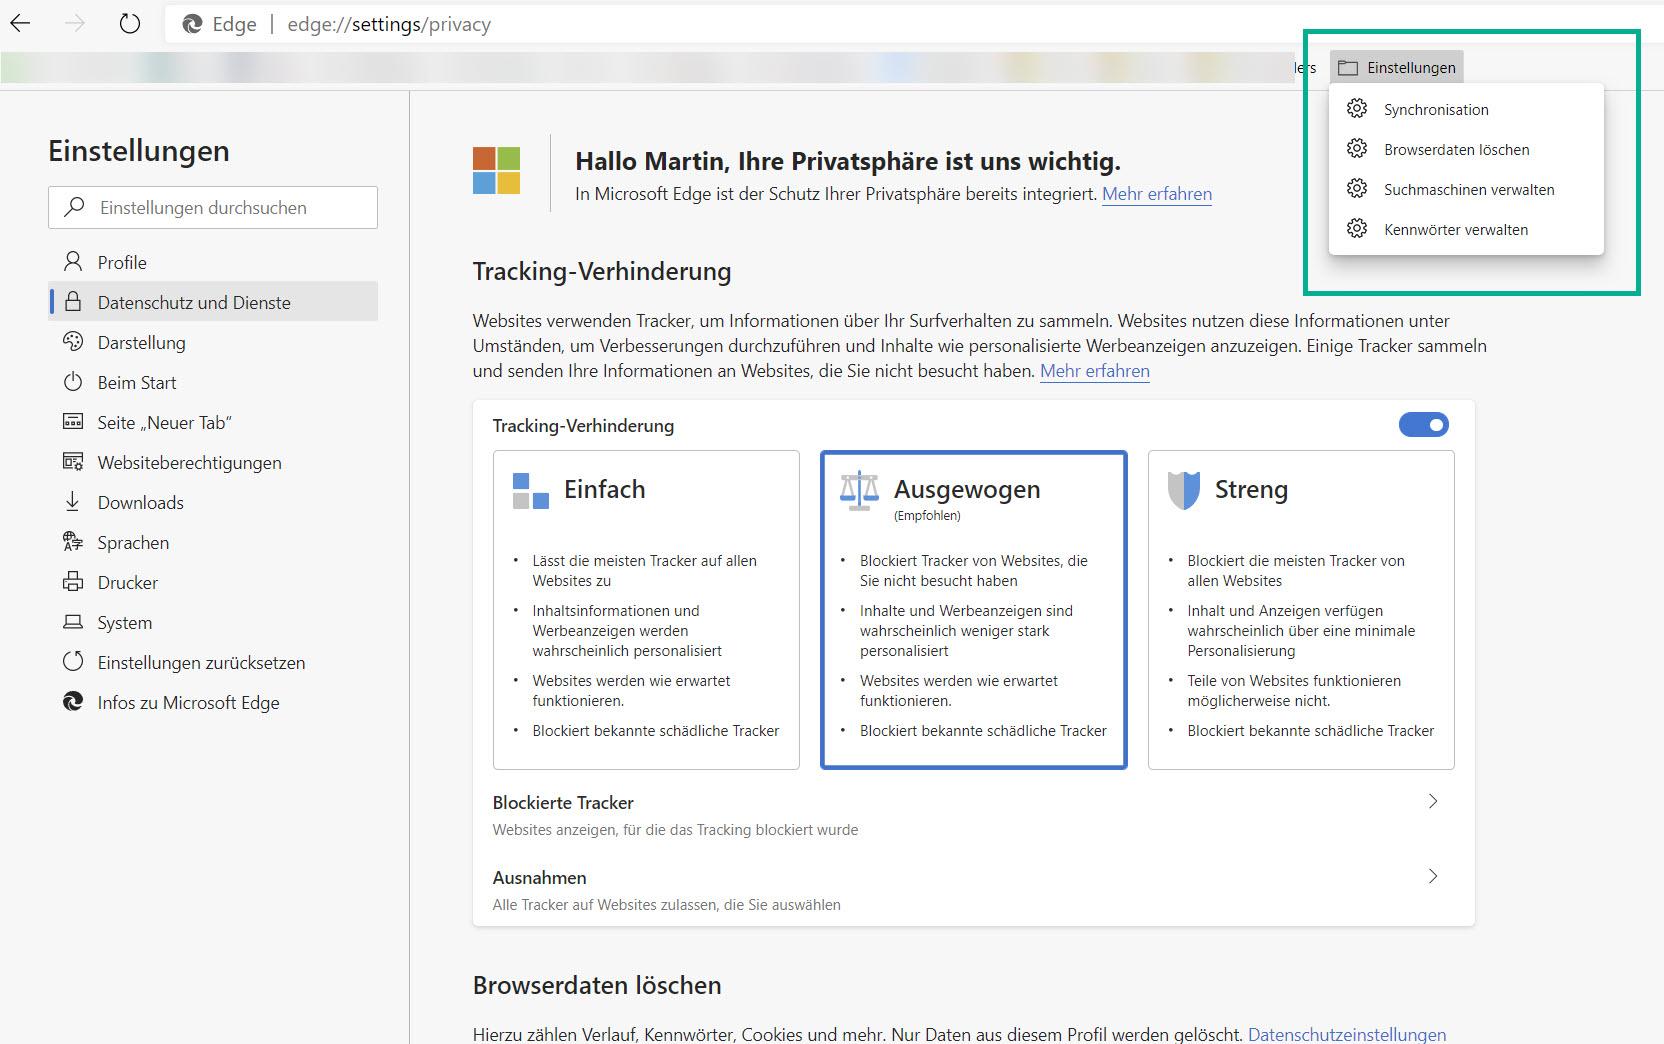 Microsoft Edge: Einstellungen als Lesezeichen ablegen